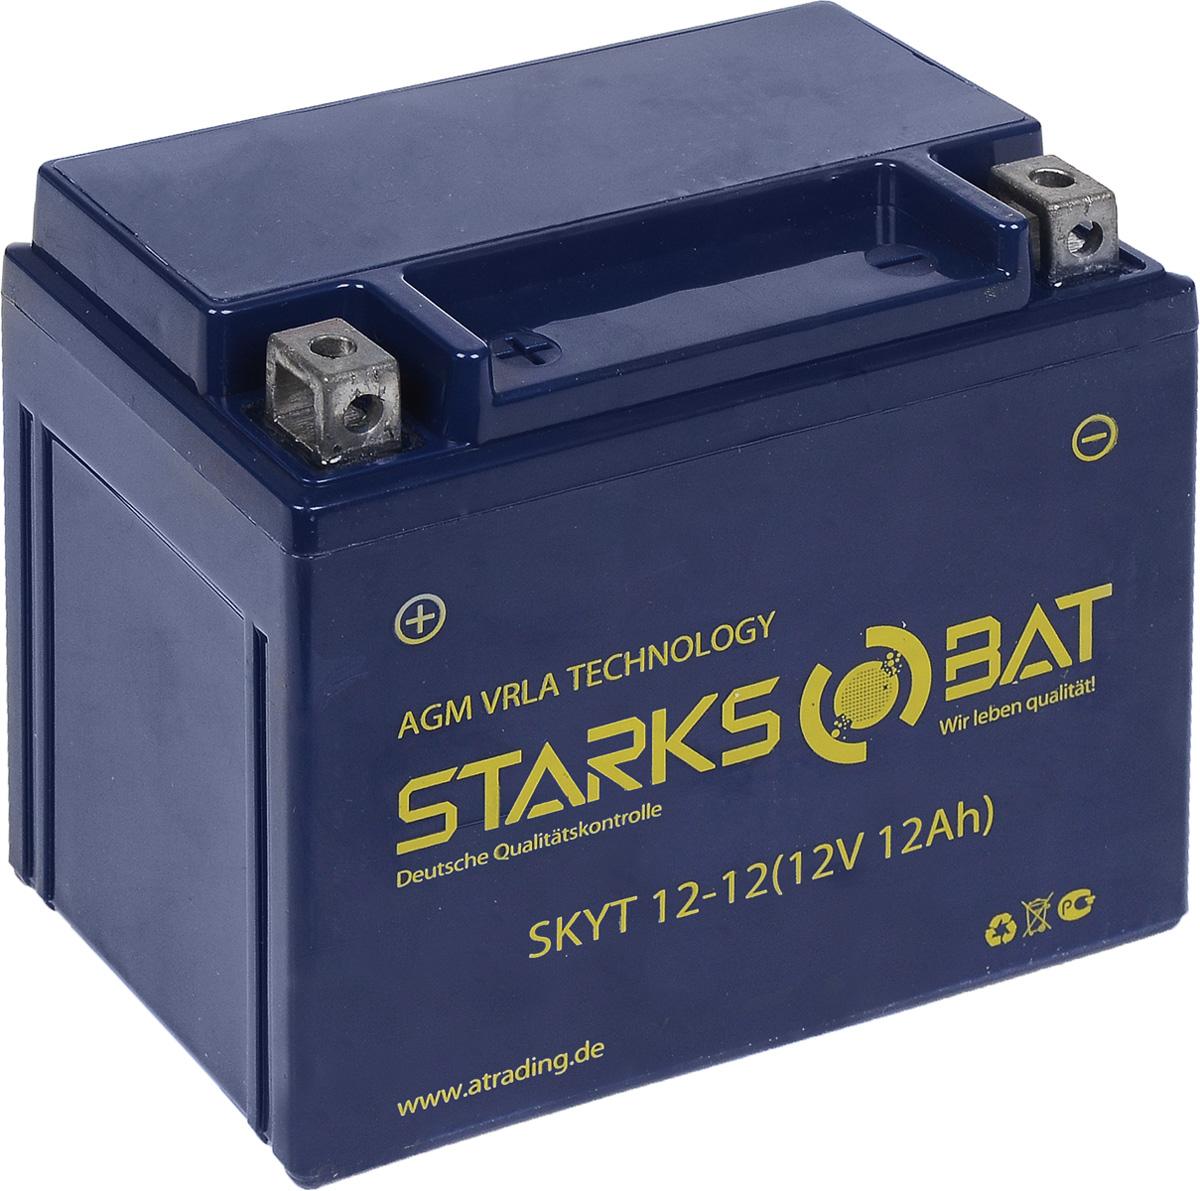 Батарея аккумуляторная для мотоциклов Starksbat. YT 12-12 (YTX14-BS)YT 12-12Аккумулятор Starksbat изготовлен по технологии AGM, обеспечивающей повышенный уровень безопасности батареи и удобство ее эксплуатации. Корпус выполнен из особо ударопрочного и морозостойкого полипропилена. Аккумулятор блестяще доказал свои высокие эксплуатационные свойства в самых экстремальных условиях бездорожья, высоких и низких температур. Аккумуляторная батарея Starksbat производится под знаменитым немецким контролем качества, что обеспечивает ему высокие пусковые характеристики и восстановление емкости даже после глубокого разряда. Напряжение: 12 В. Емкость: 12 Ач. Полярность: прямая (+ -). Ток холодной прокрутки: 155 Аh (EN).